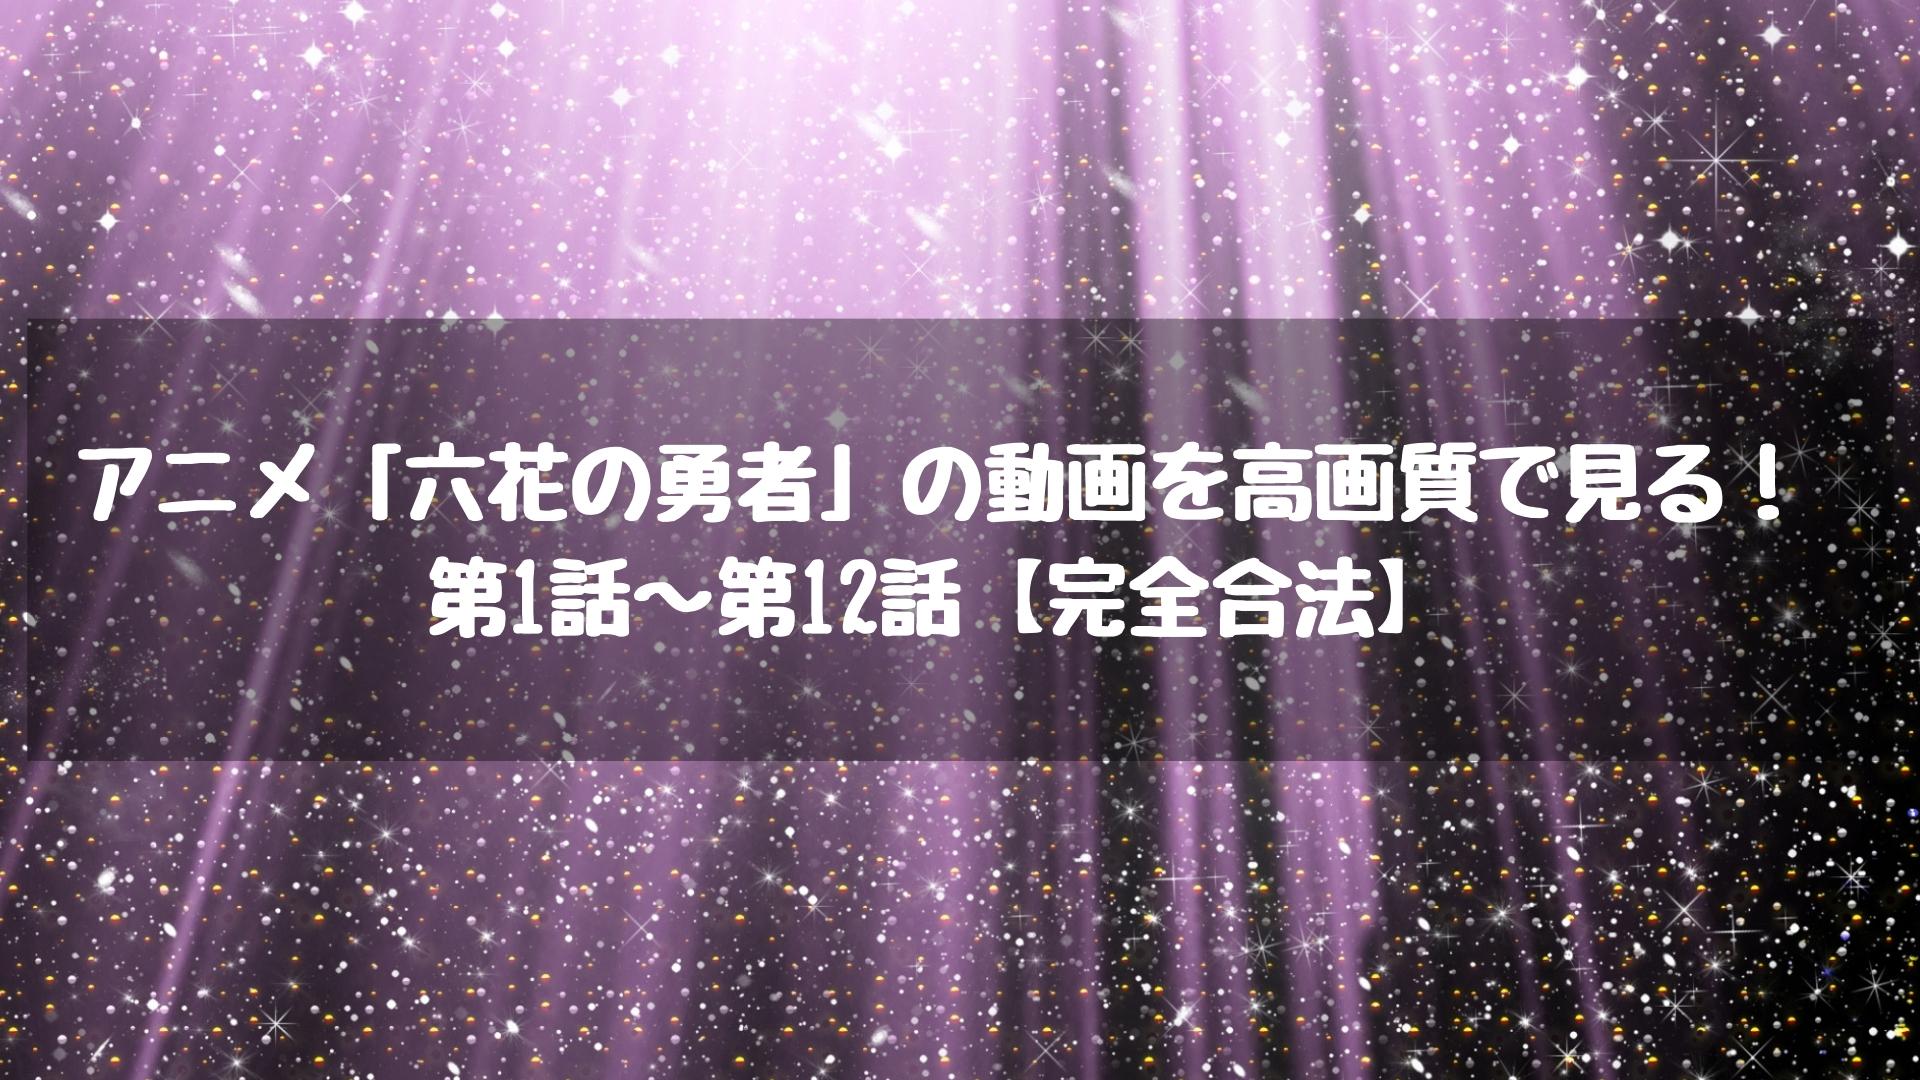 アニメ「六花の勇者」の動画を高画質で見る!第1話~第12話【完全合法】